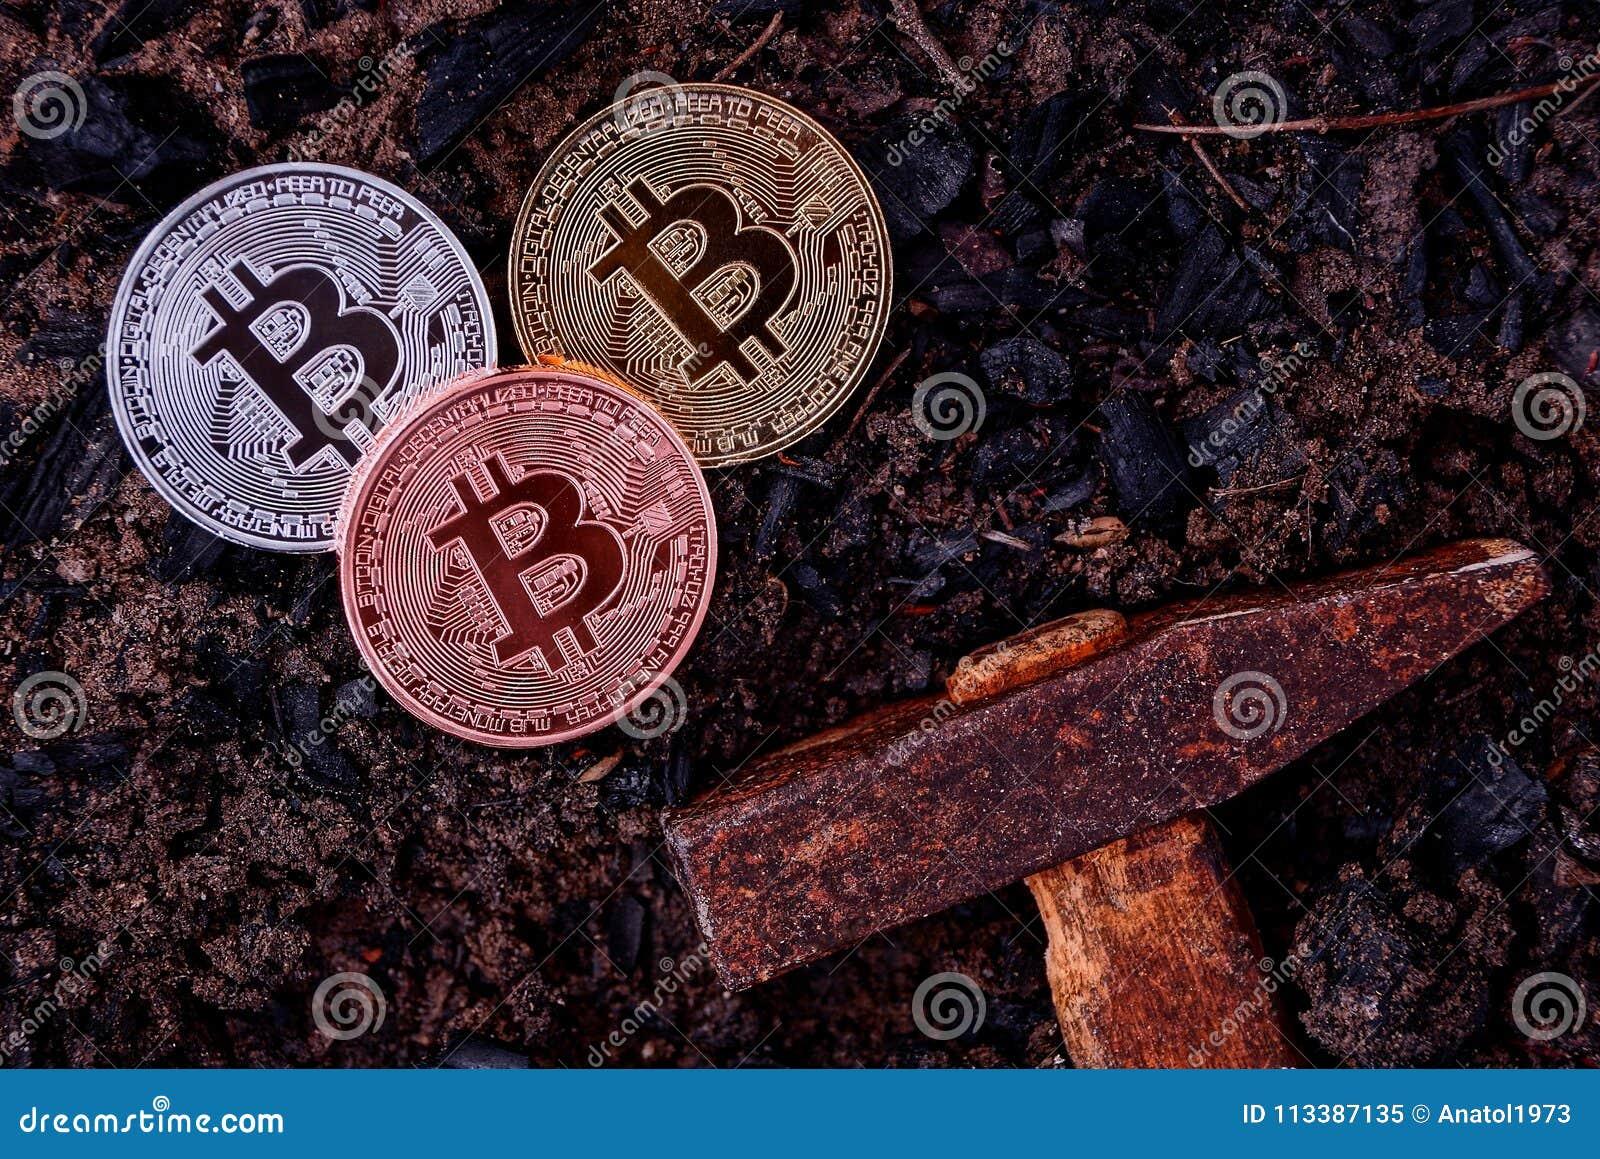 3 монетки bitcoin на черной земле и молотке